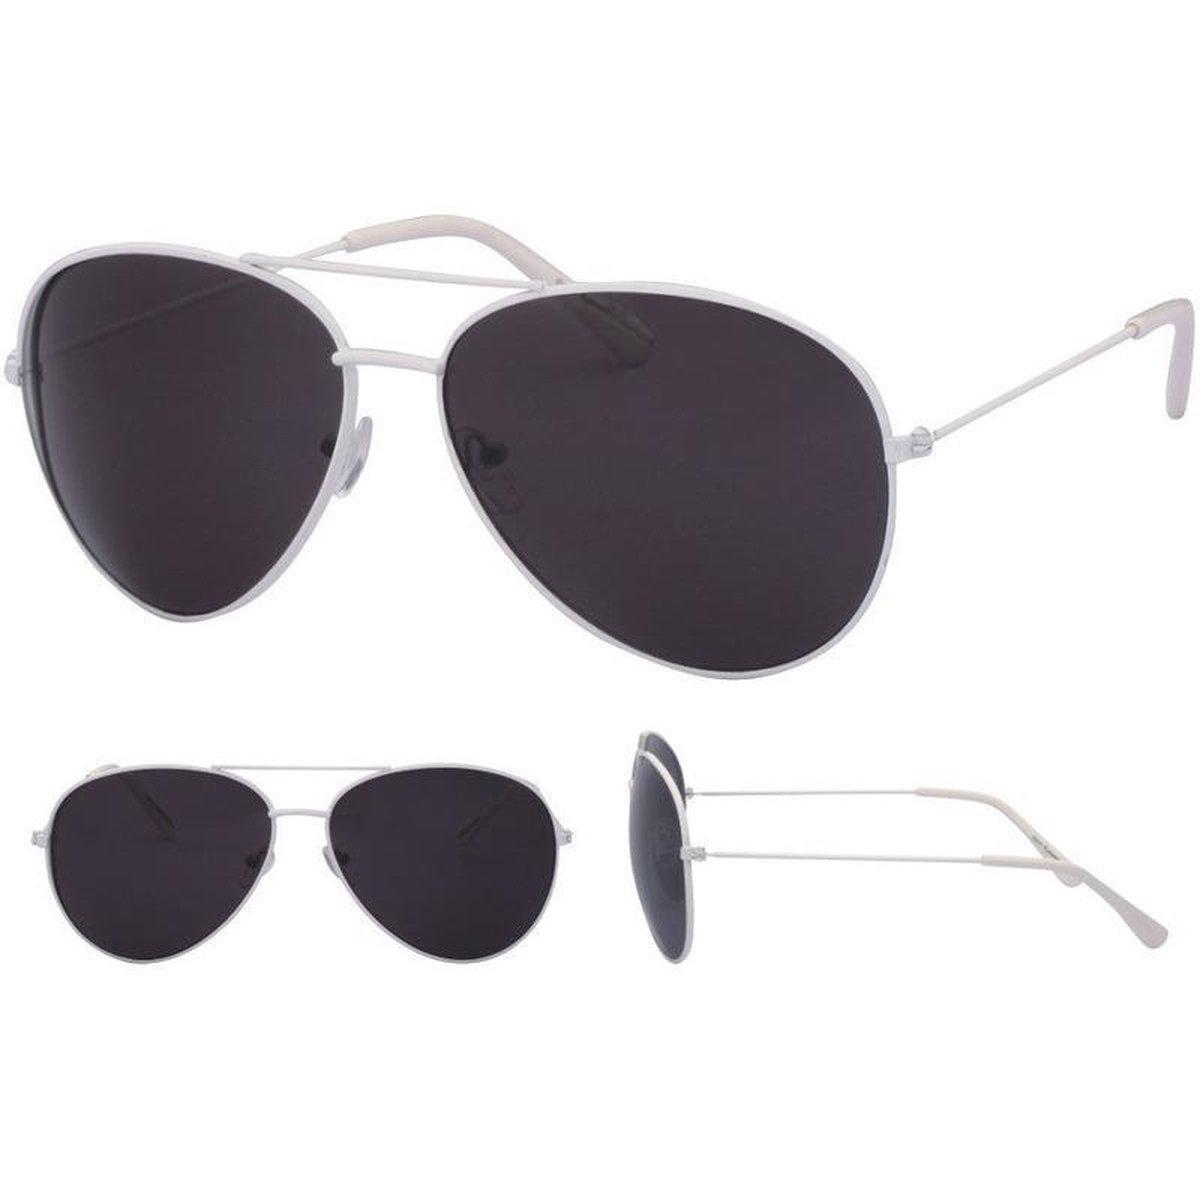 Aviator zonnebril wit met zwarte glazen voor volwassenen - Piloten zonnebrillen dames/heren